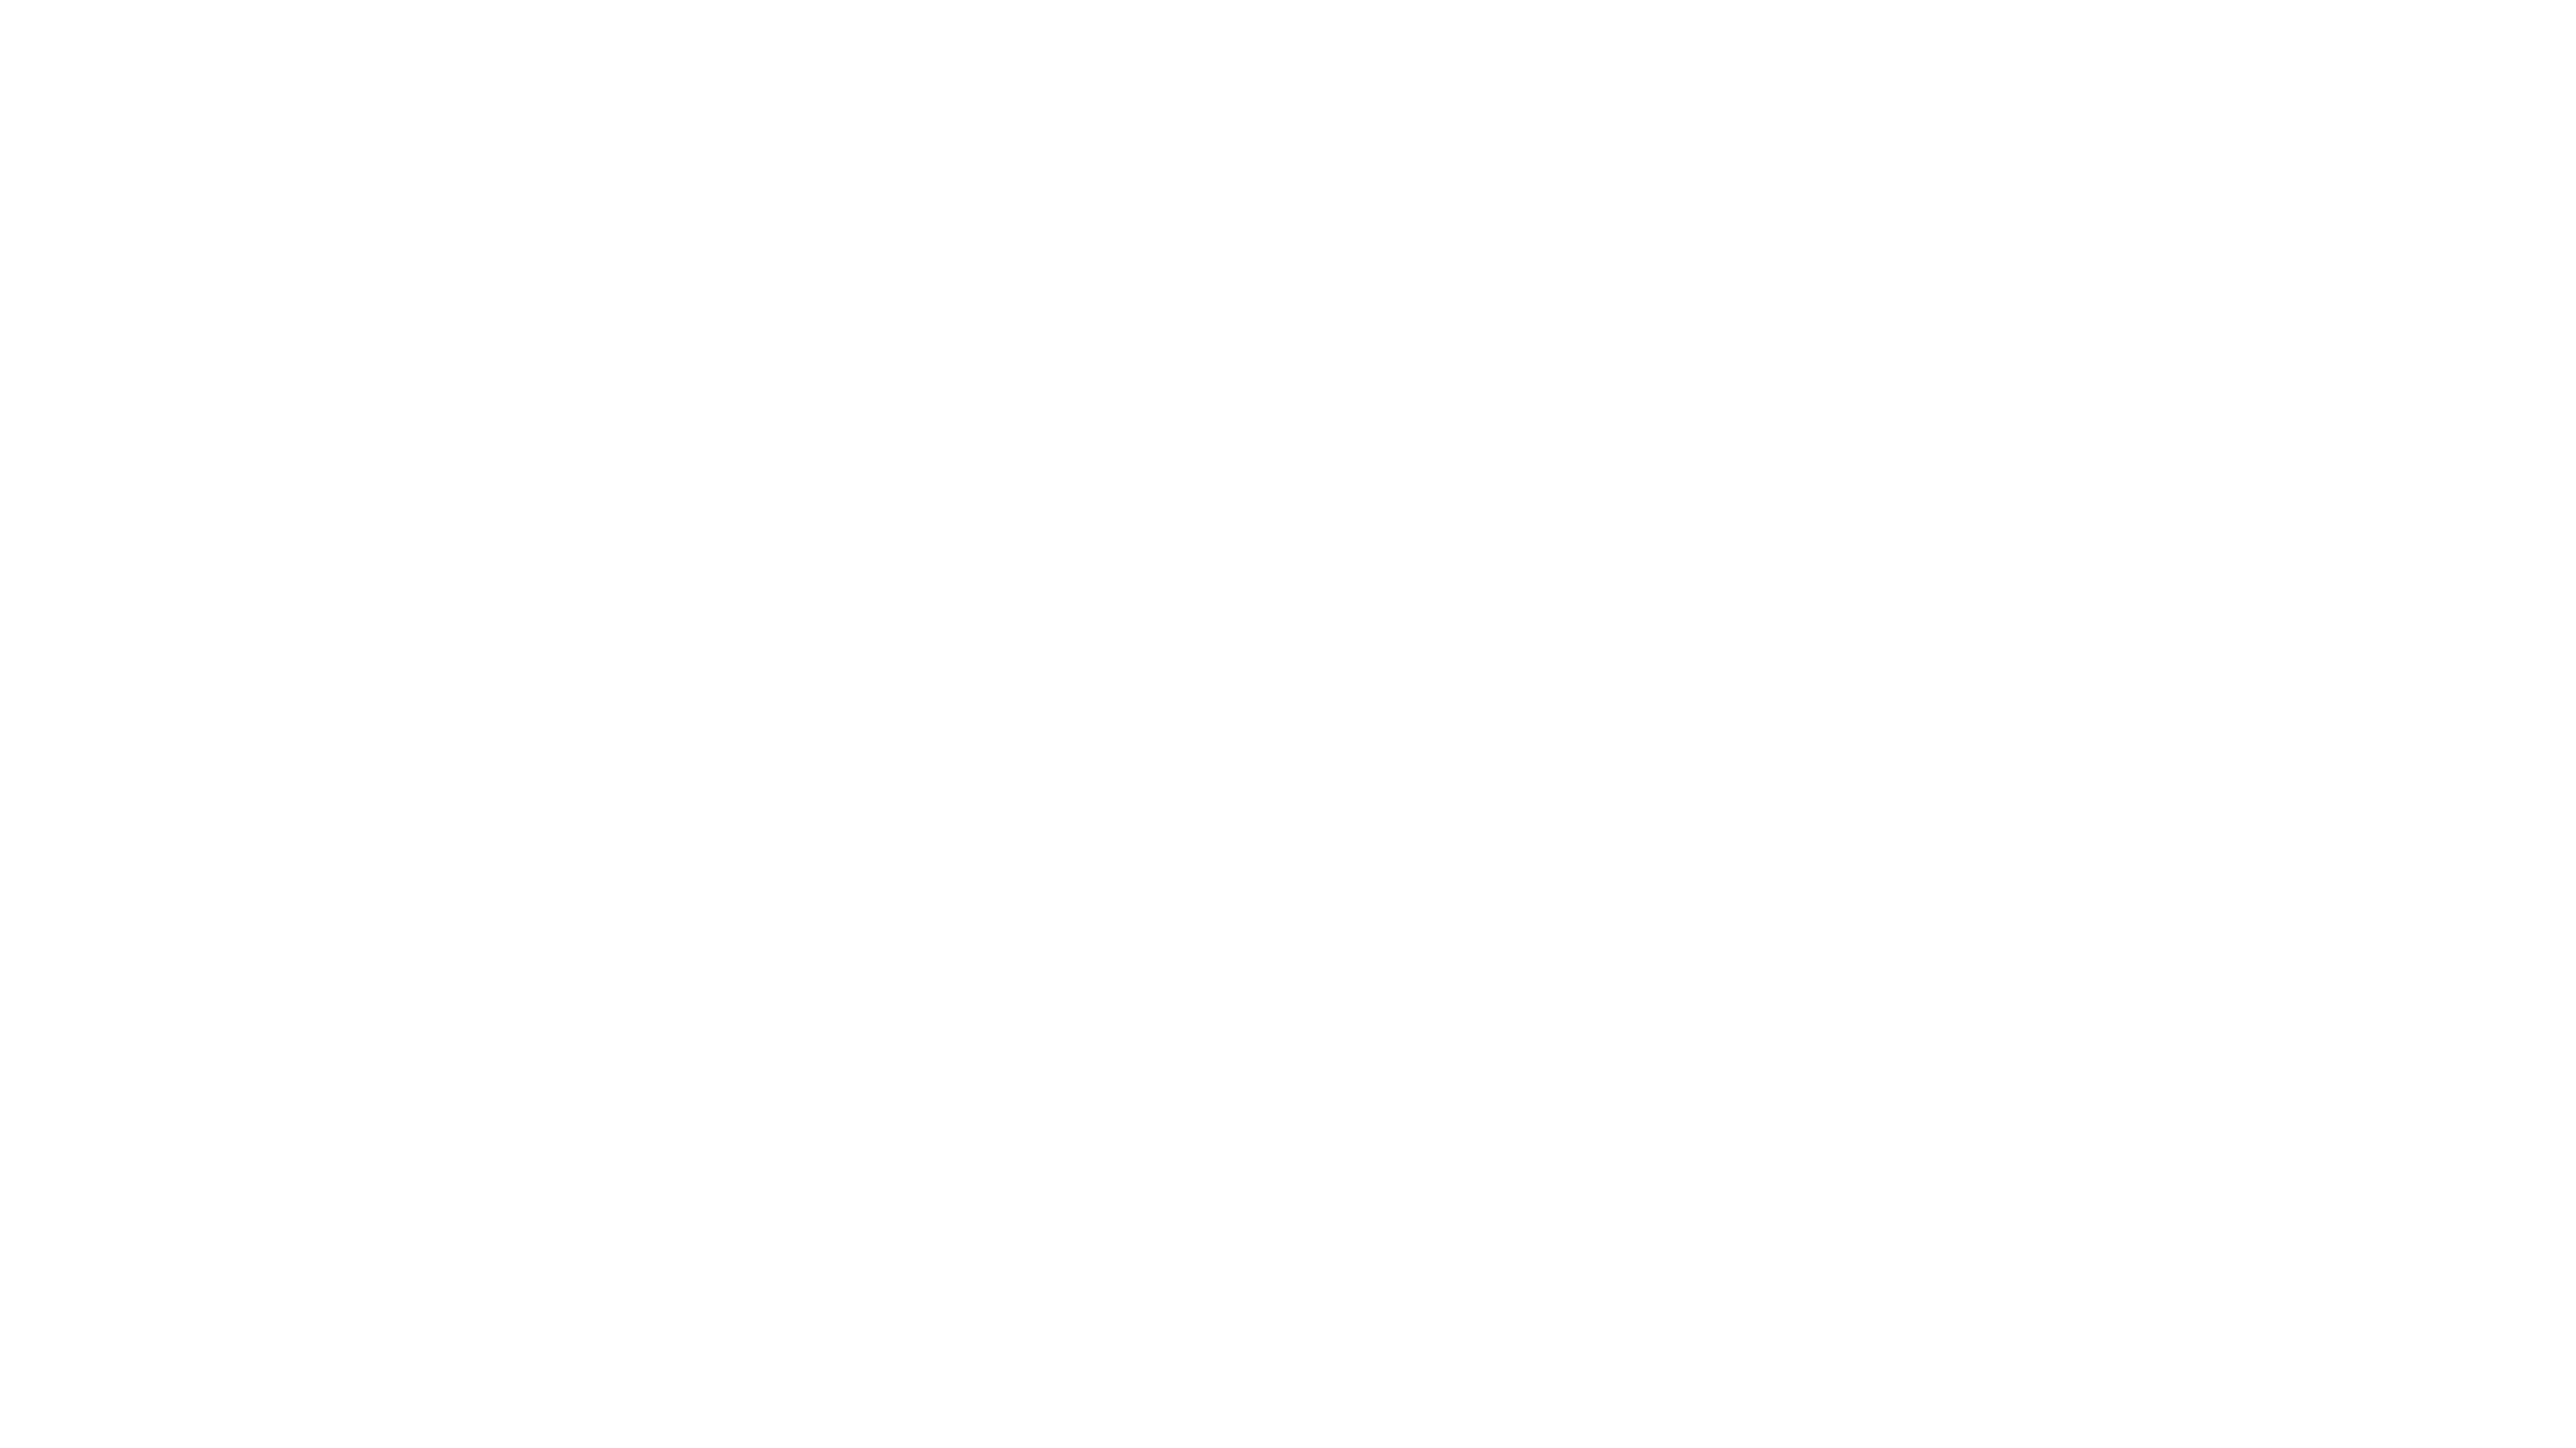 VISPR Voice Technology